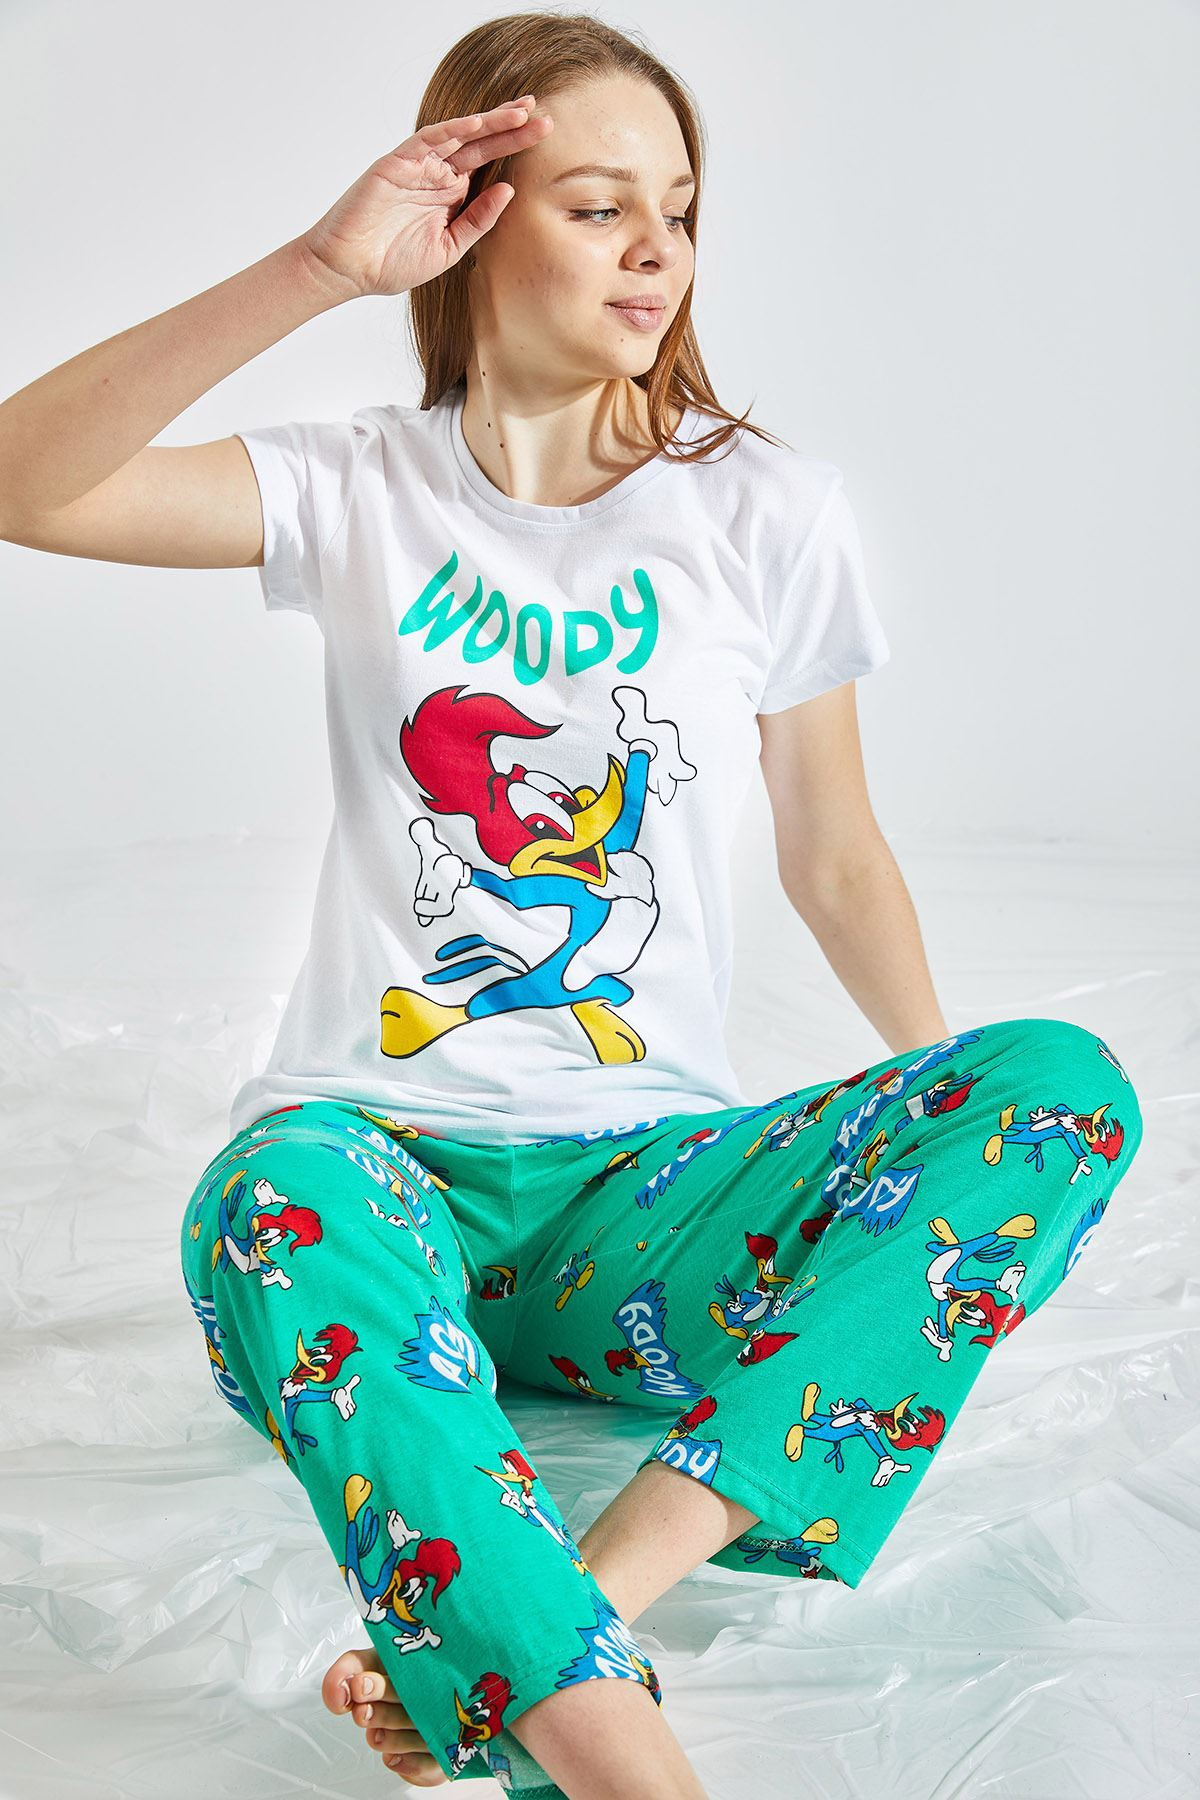 Kadın Baskılı Yeşil Pijama Takımı